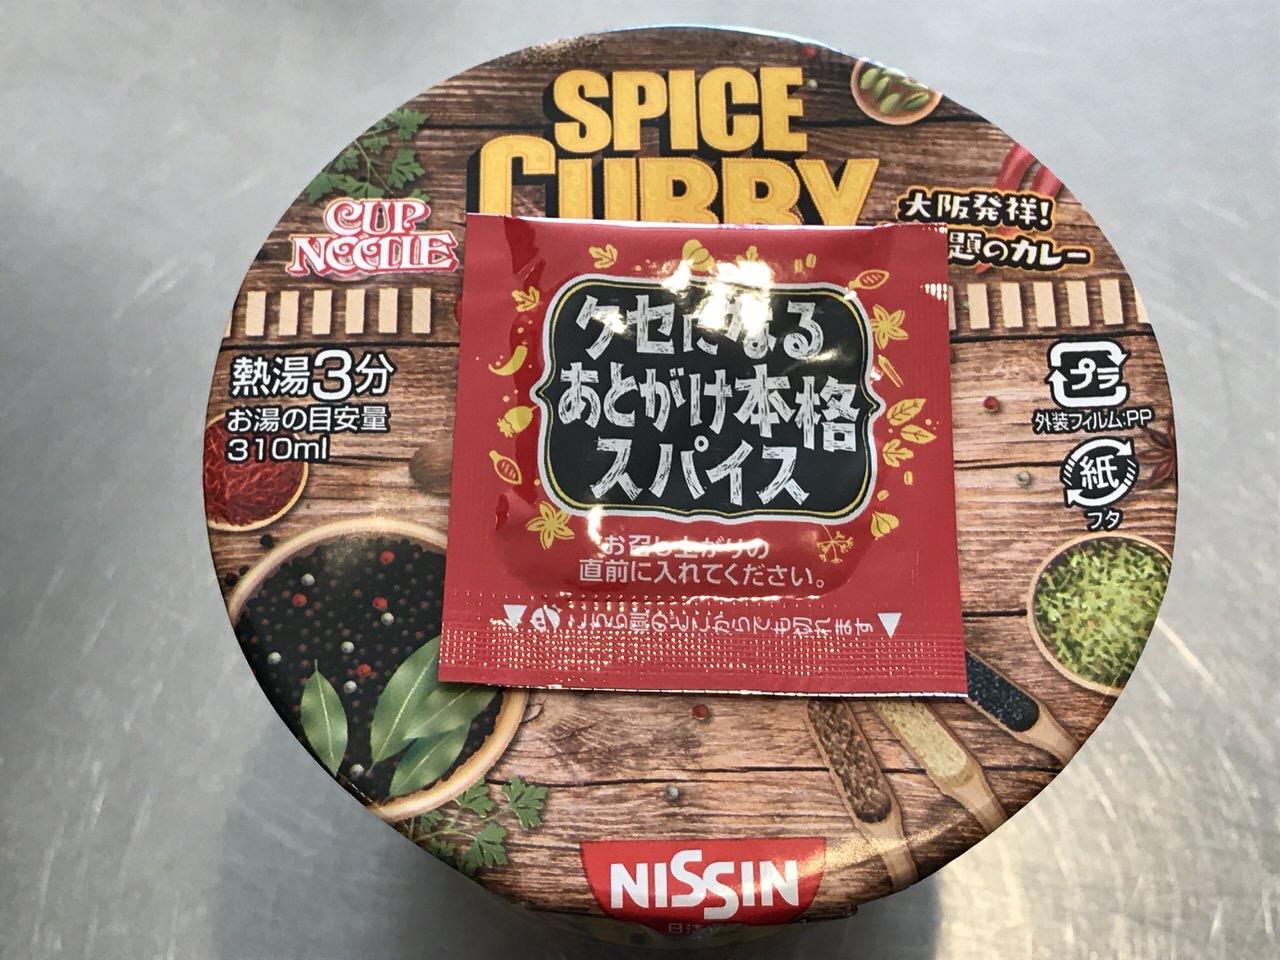 大阪発祥!今話題のカレー「カップヌードル スパイスチキンカレー」その名の通りスパイシーで美味い